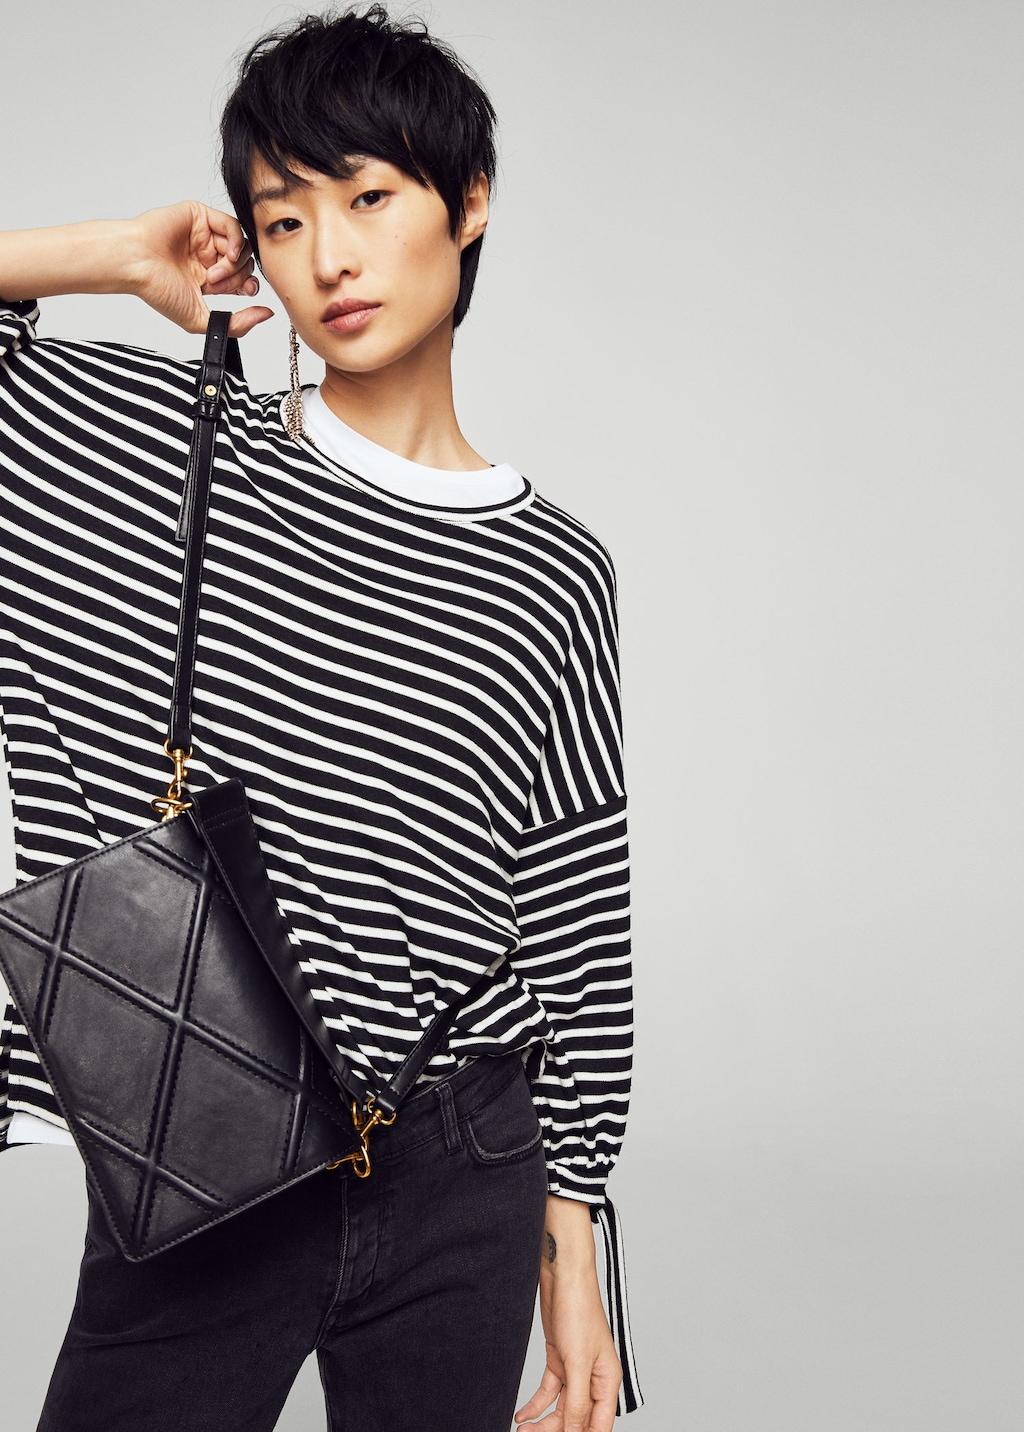 20% Rabatt auf Mango (Sale inbegriffen) @Glamour Shopping Week